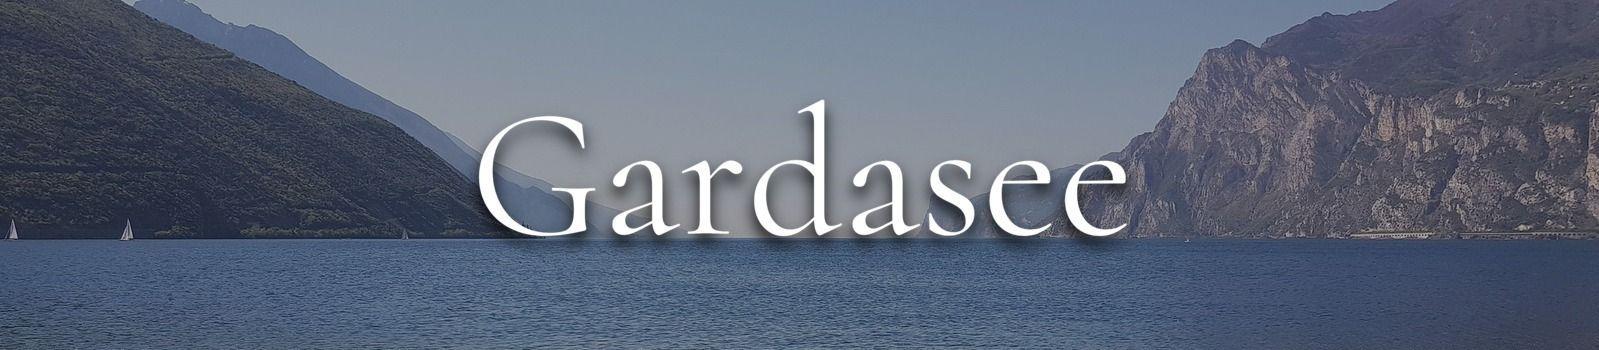 Gardasee Banner